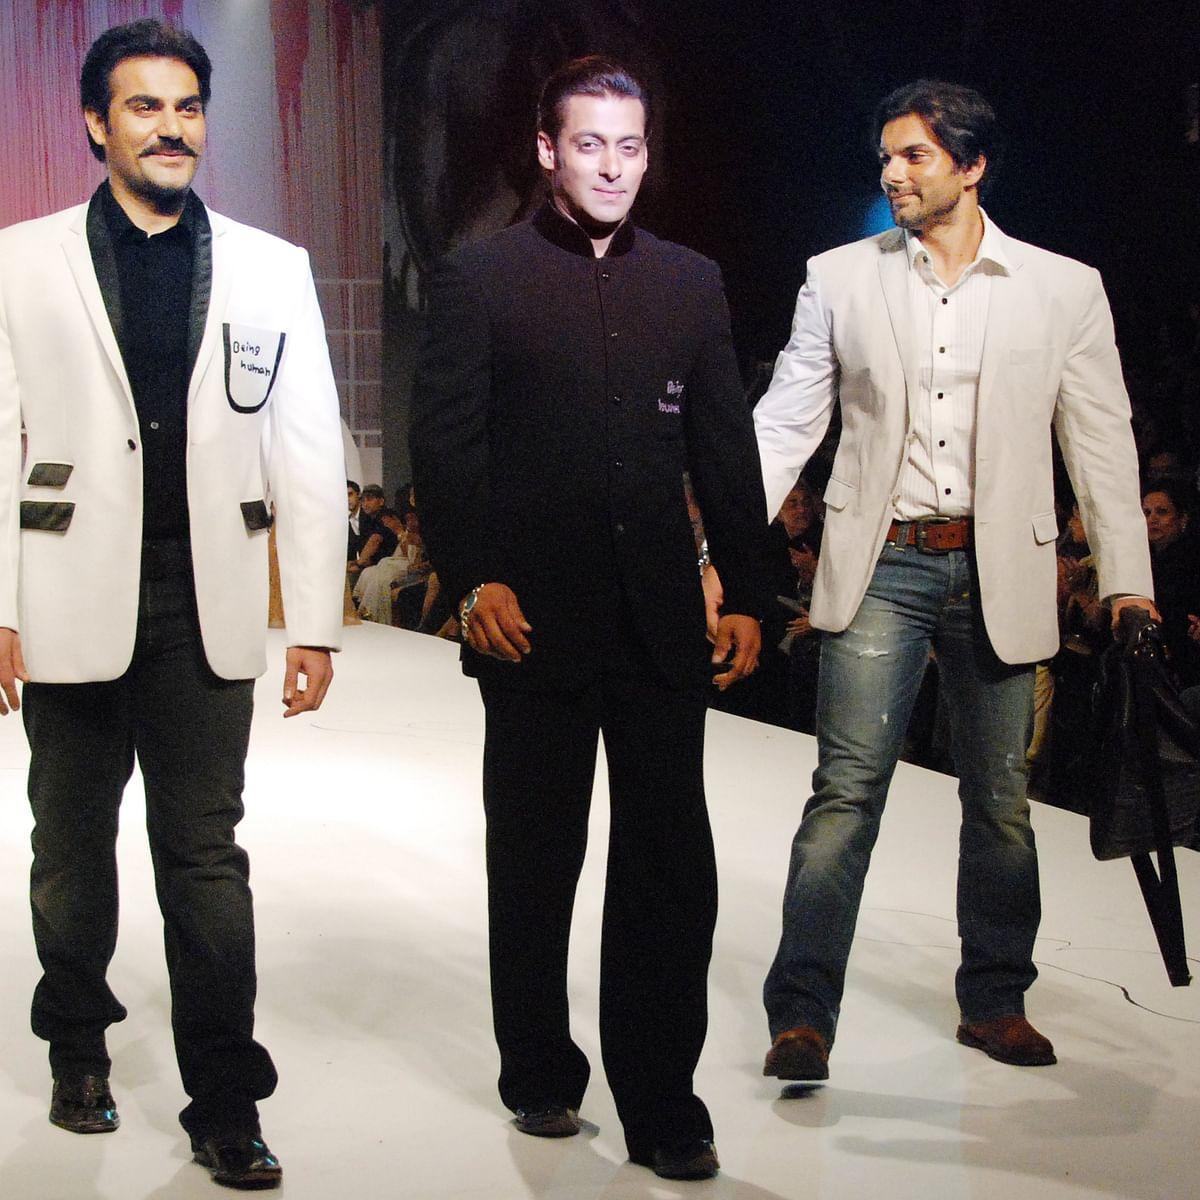 اپنے دونوں بھائیوں ارباز خان اور سہیل خان کے ساتھ سلمان خان / Getty Images